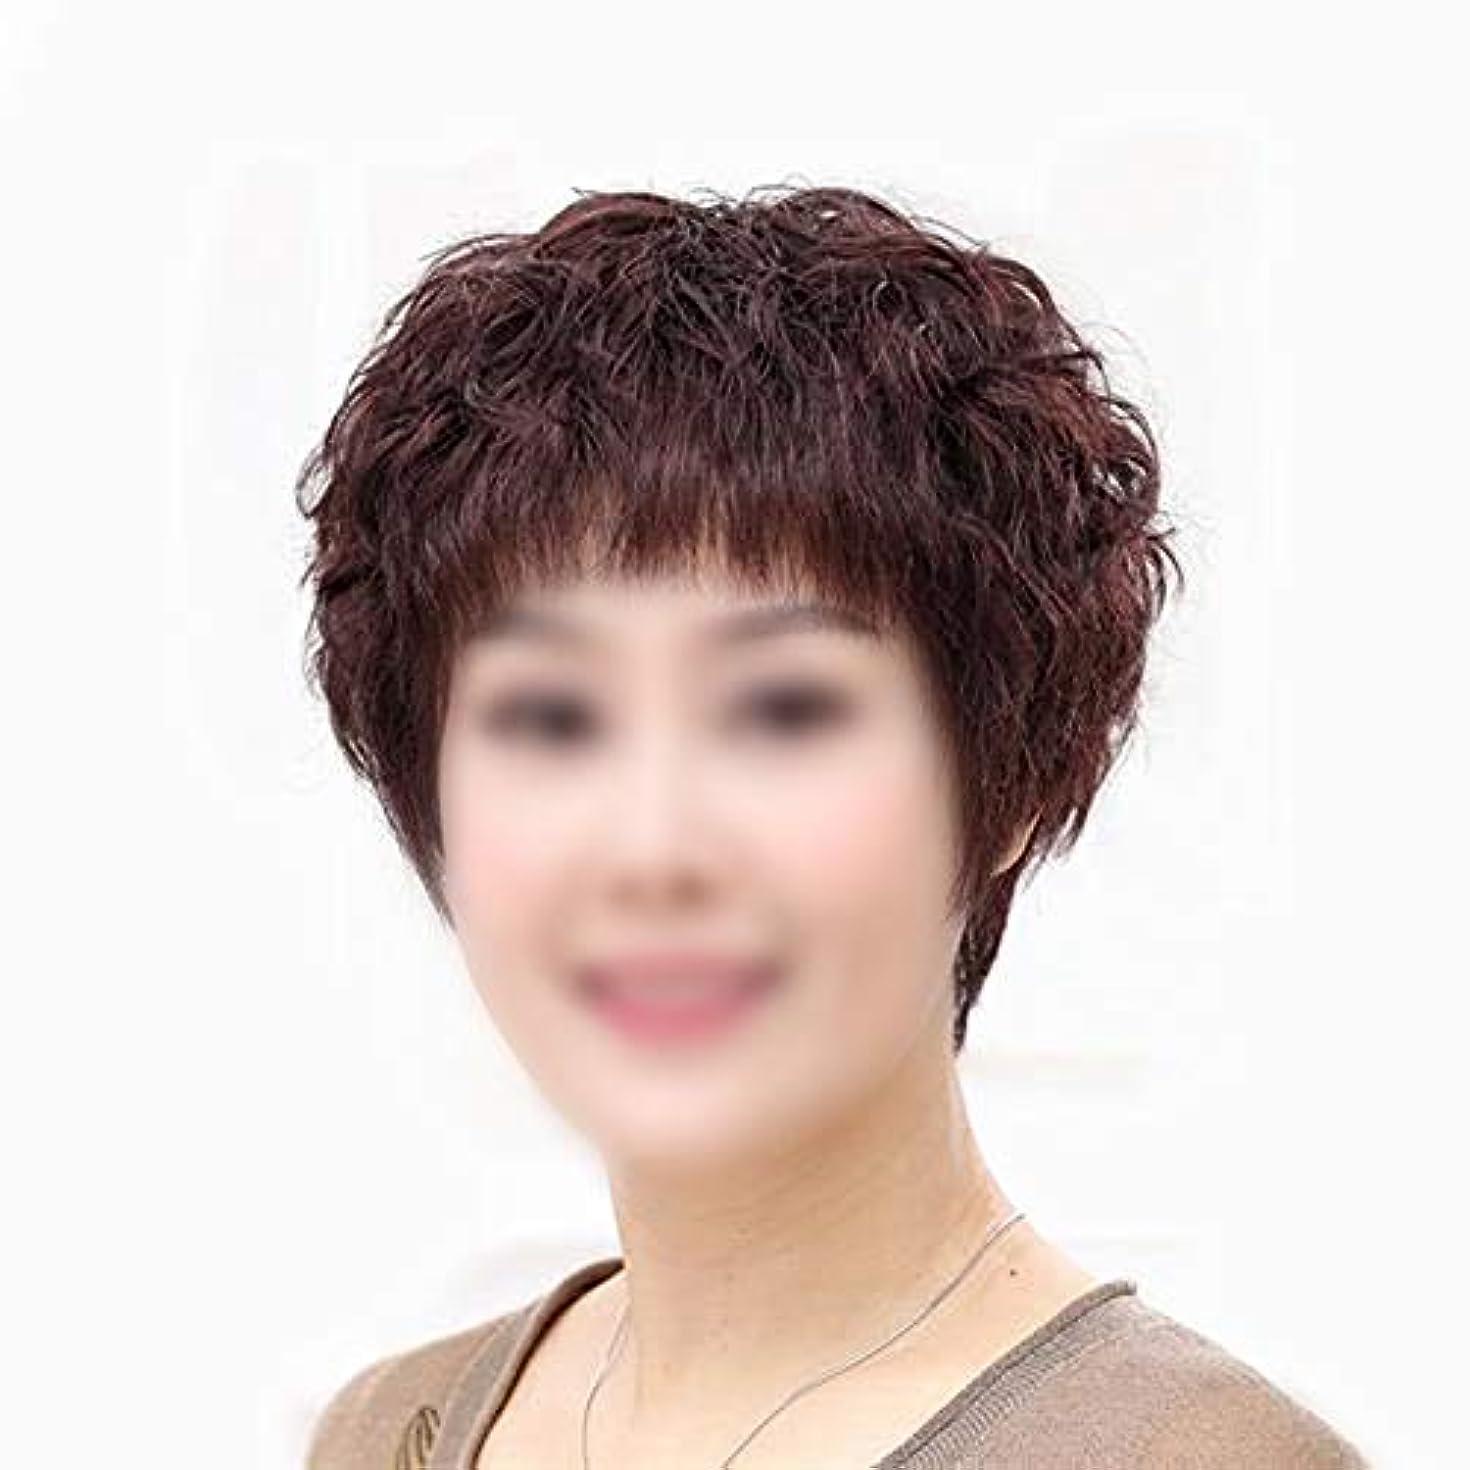 障害蓄積するパレードYOUQIU 本当の髪ショートカーリーヘアふわふわナチュラル女性中年の母親ウィッグウィッグ (色 : Dark brown)